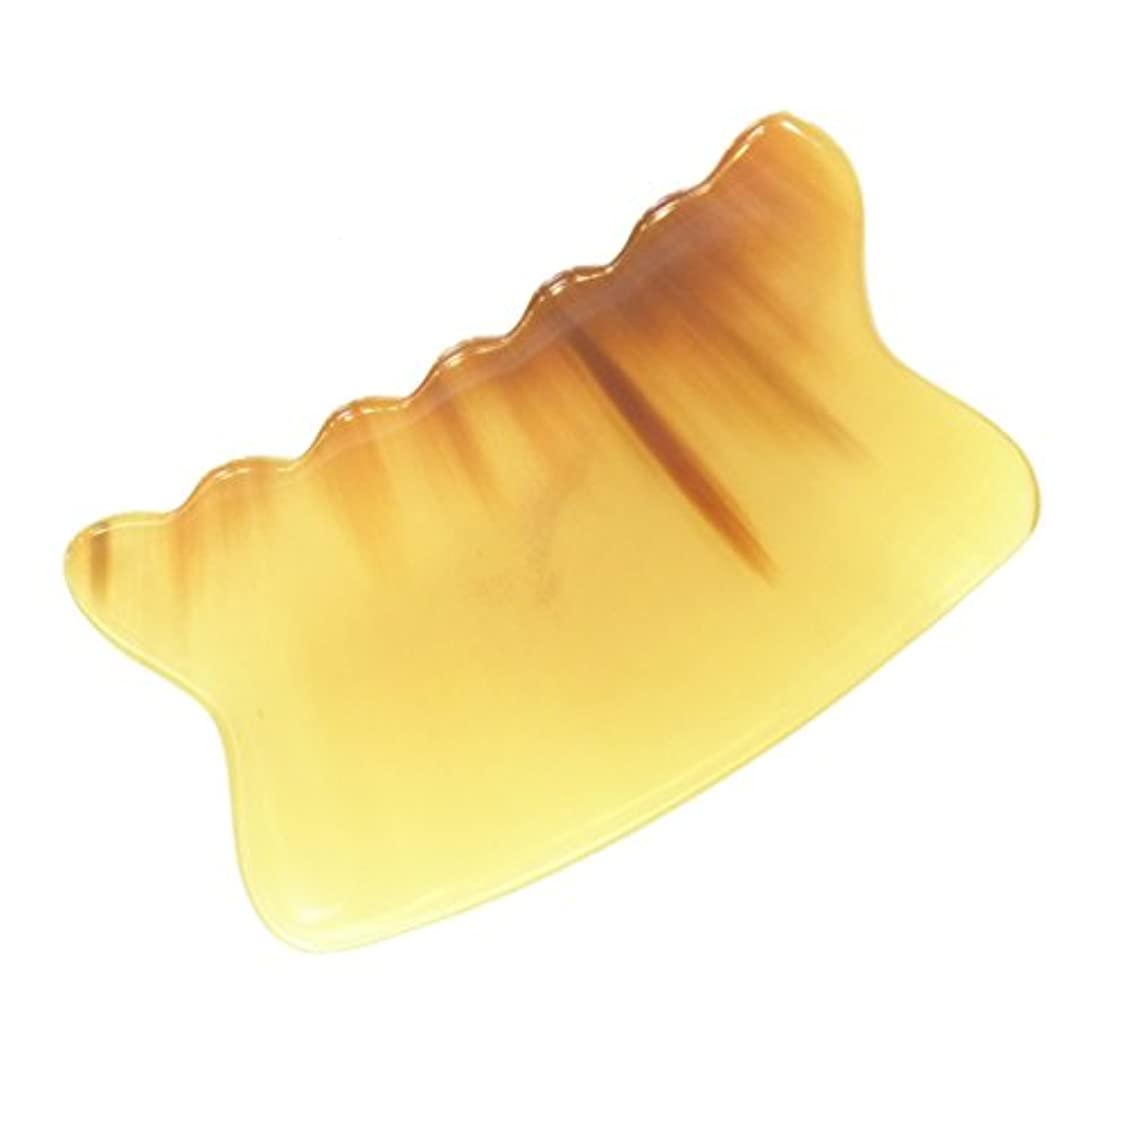 証人測定提供されたかっさ プレート 厚さが選べる 水牛の角(黄水牛角) EHE226SP 曲波型 特級品 標準(5ミリ程度)